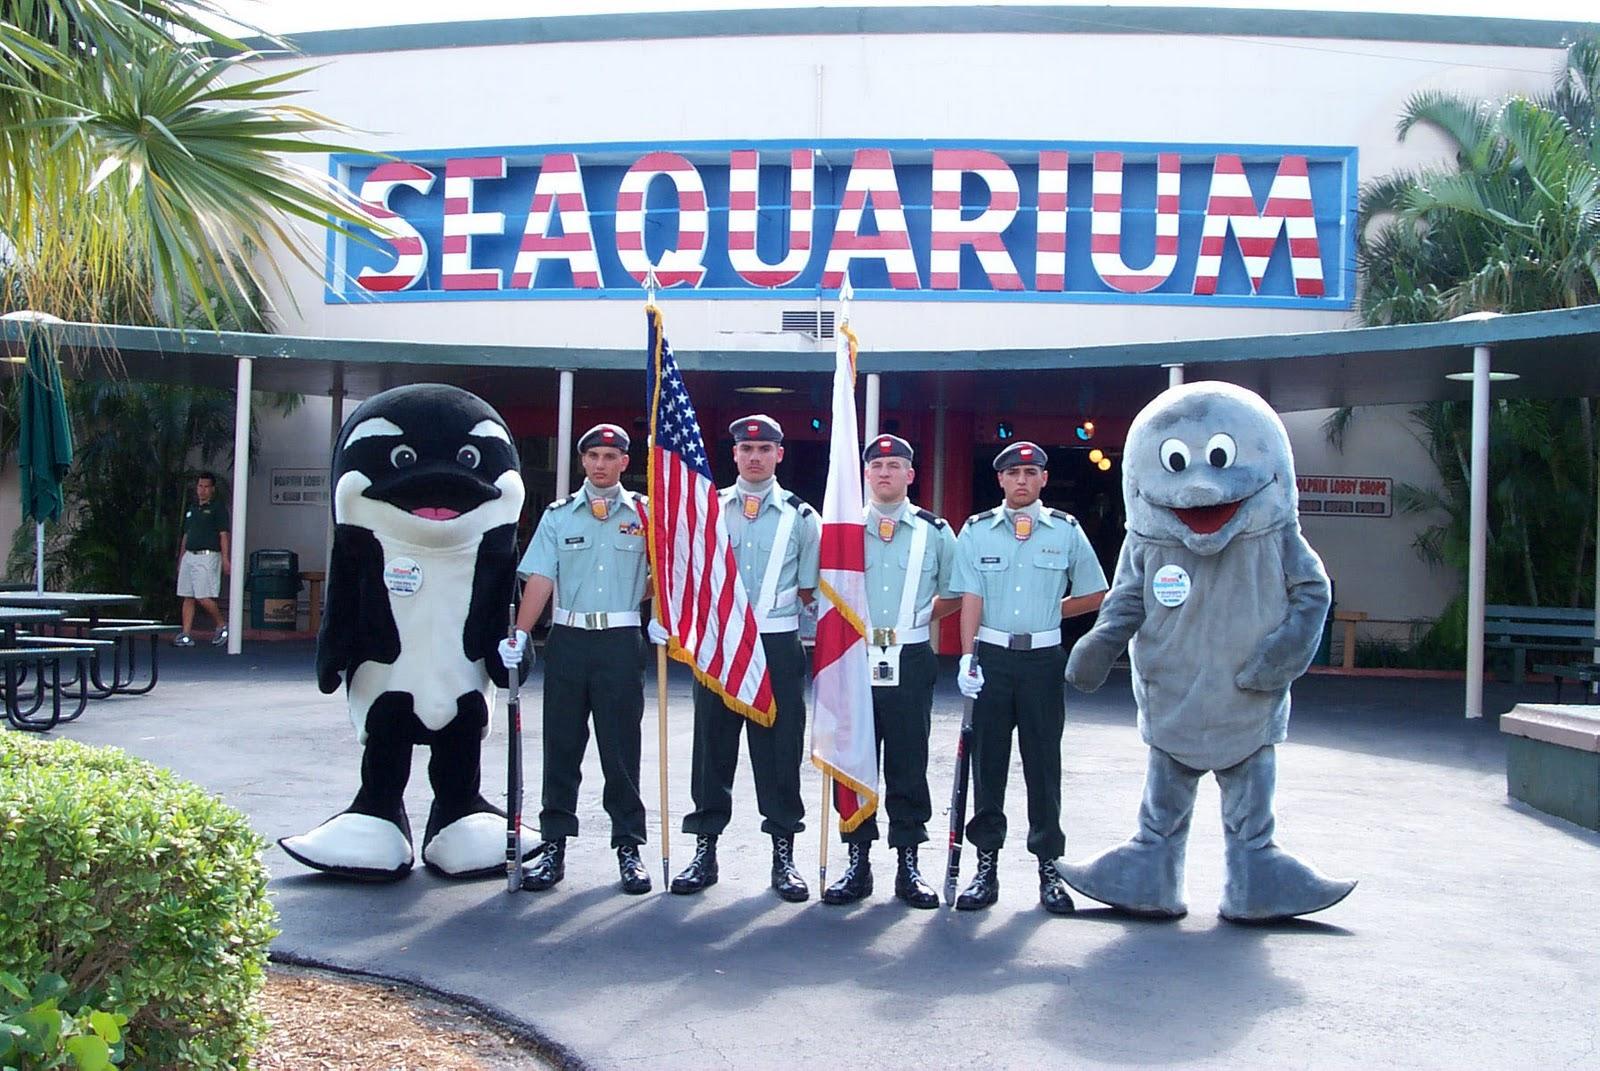 Seaquarium discount coupons